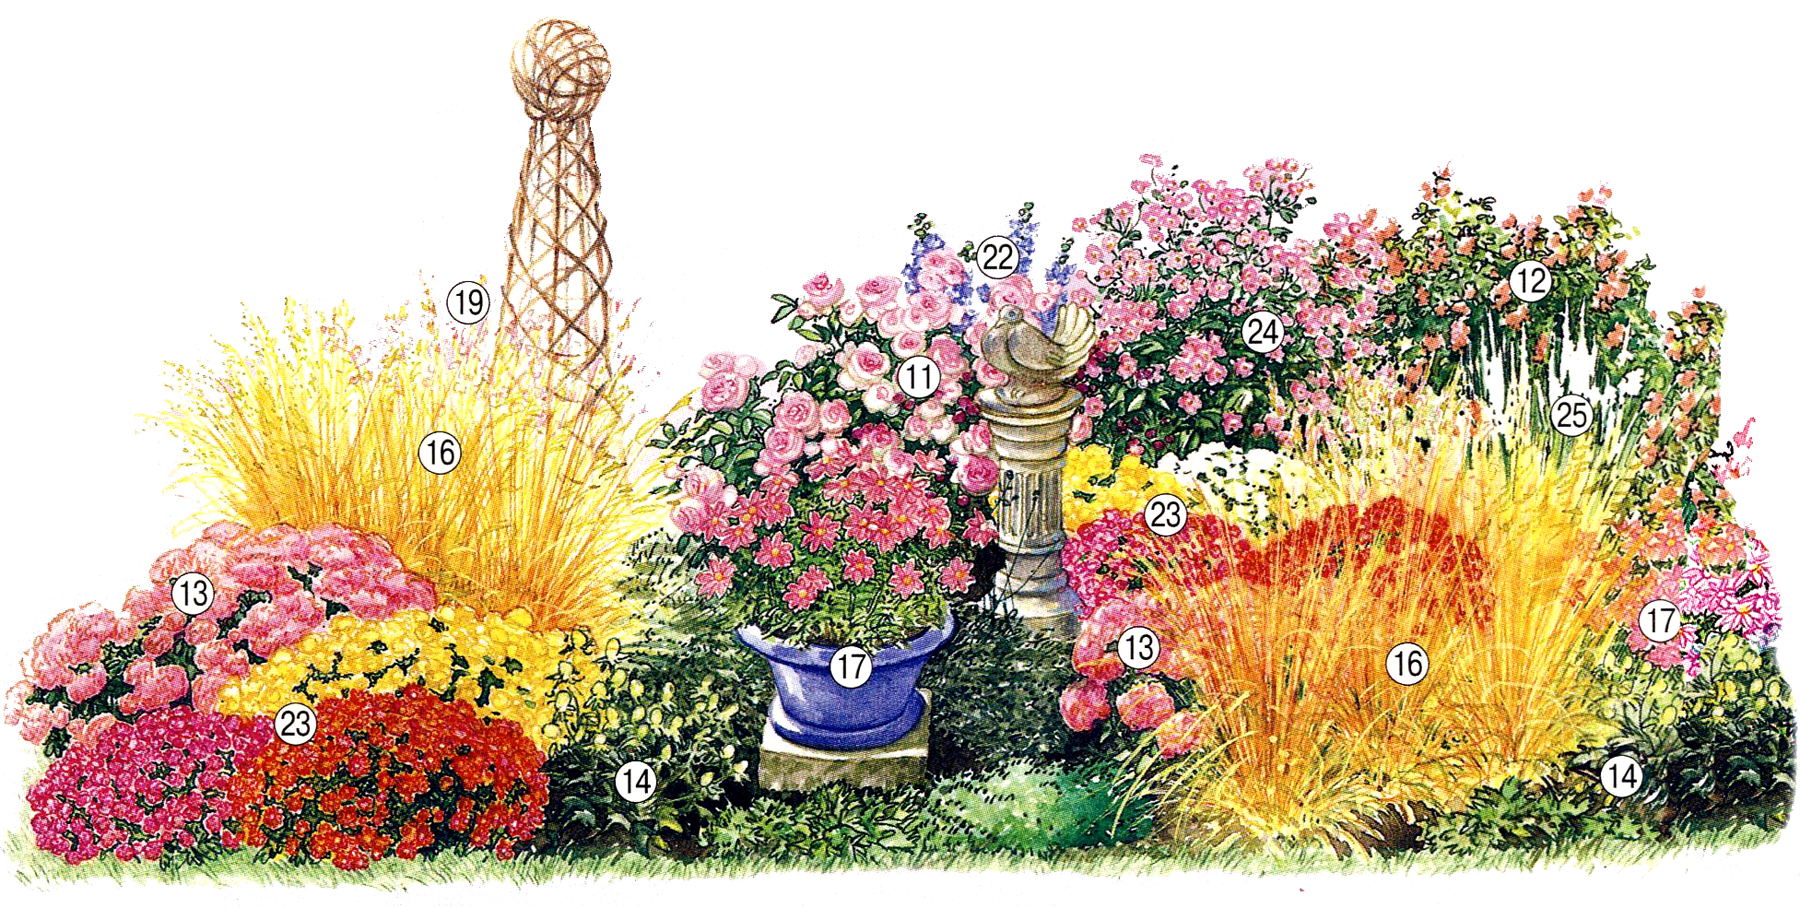 Клумба непрерывного цветения.